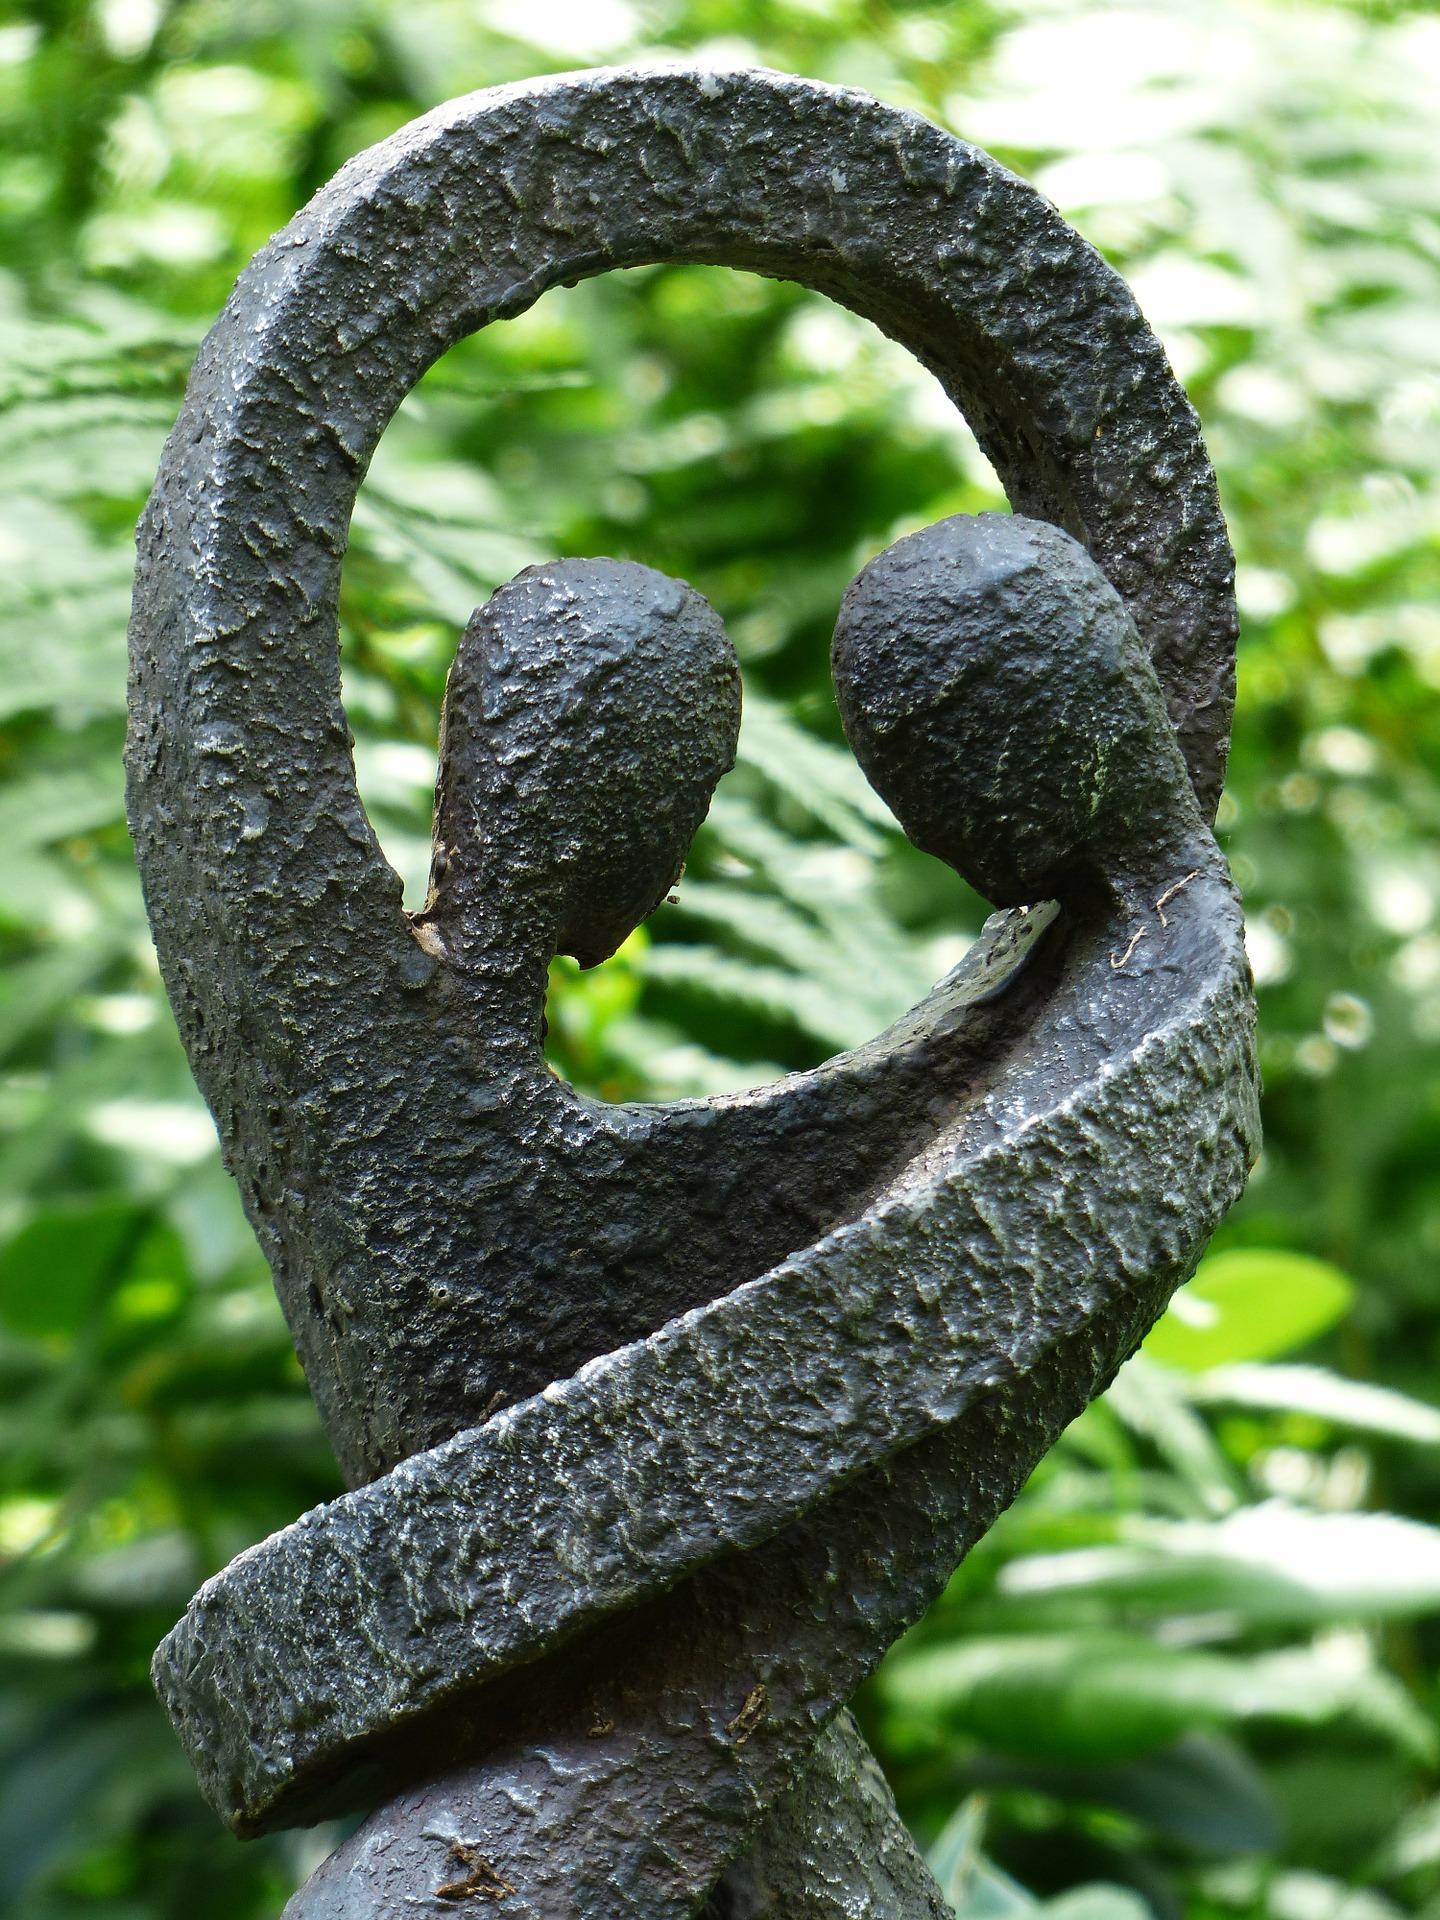 Die Dreifaltigkeit der Liebe. Oder: Variation ist alles